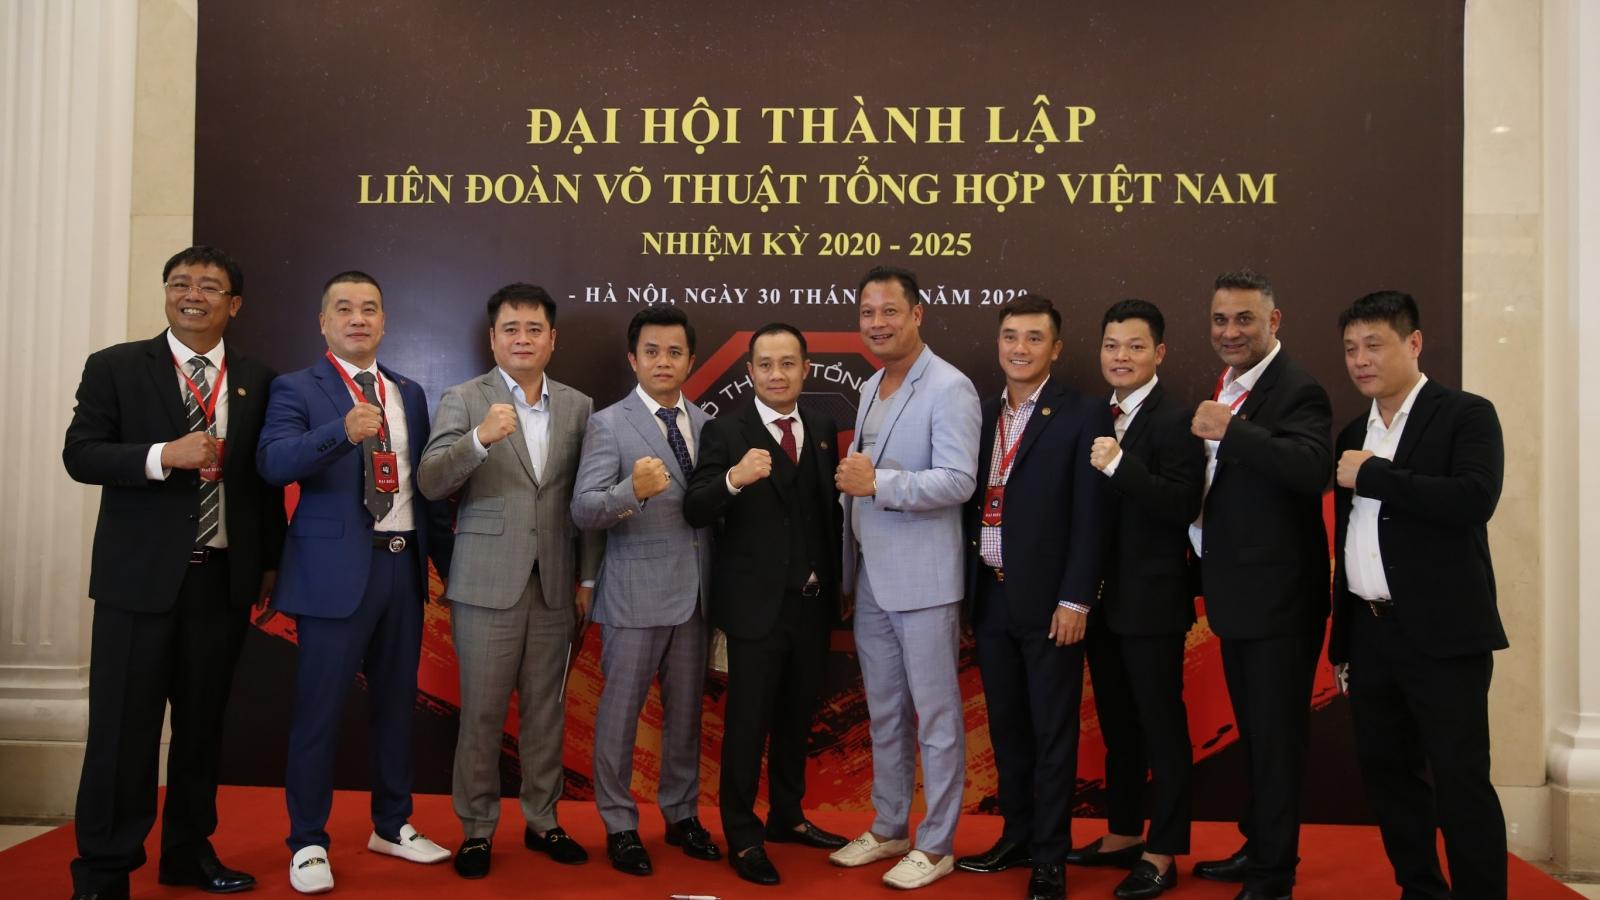 Cột mốc lịch sử MMA: Chính thức thành lập Liên đoàn Võ thuật tổng hợp Việt Nam